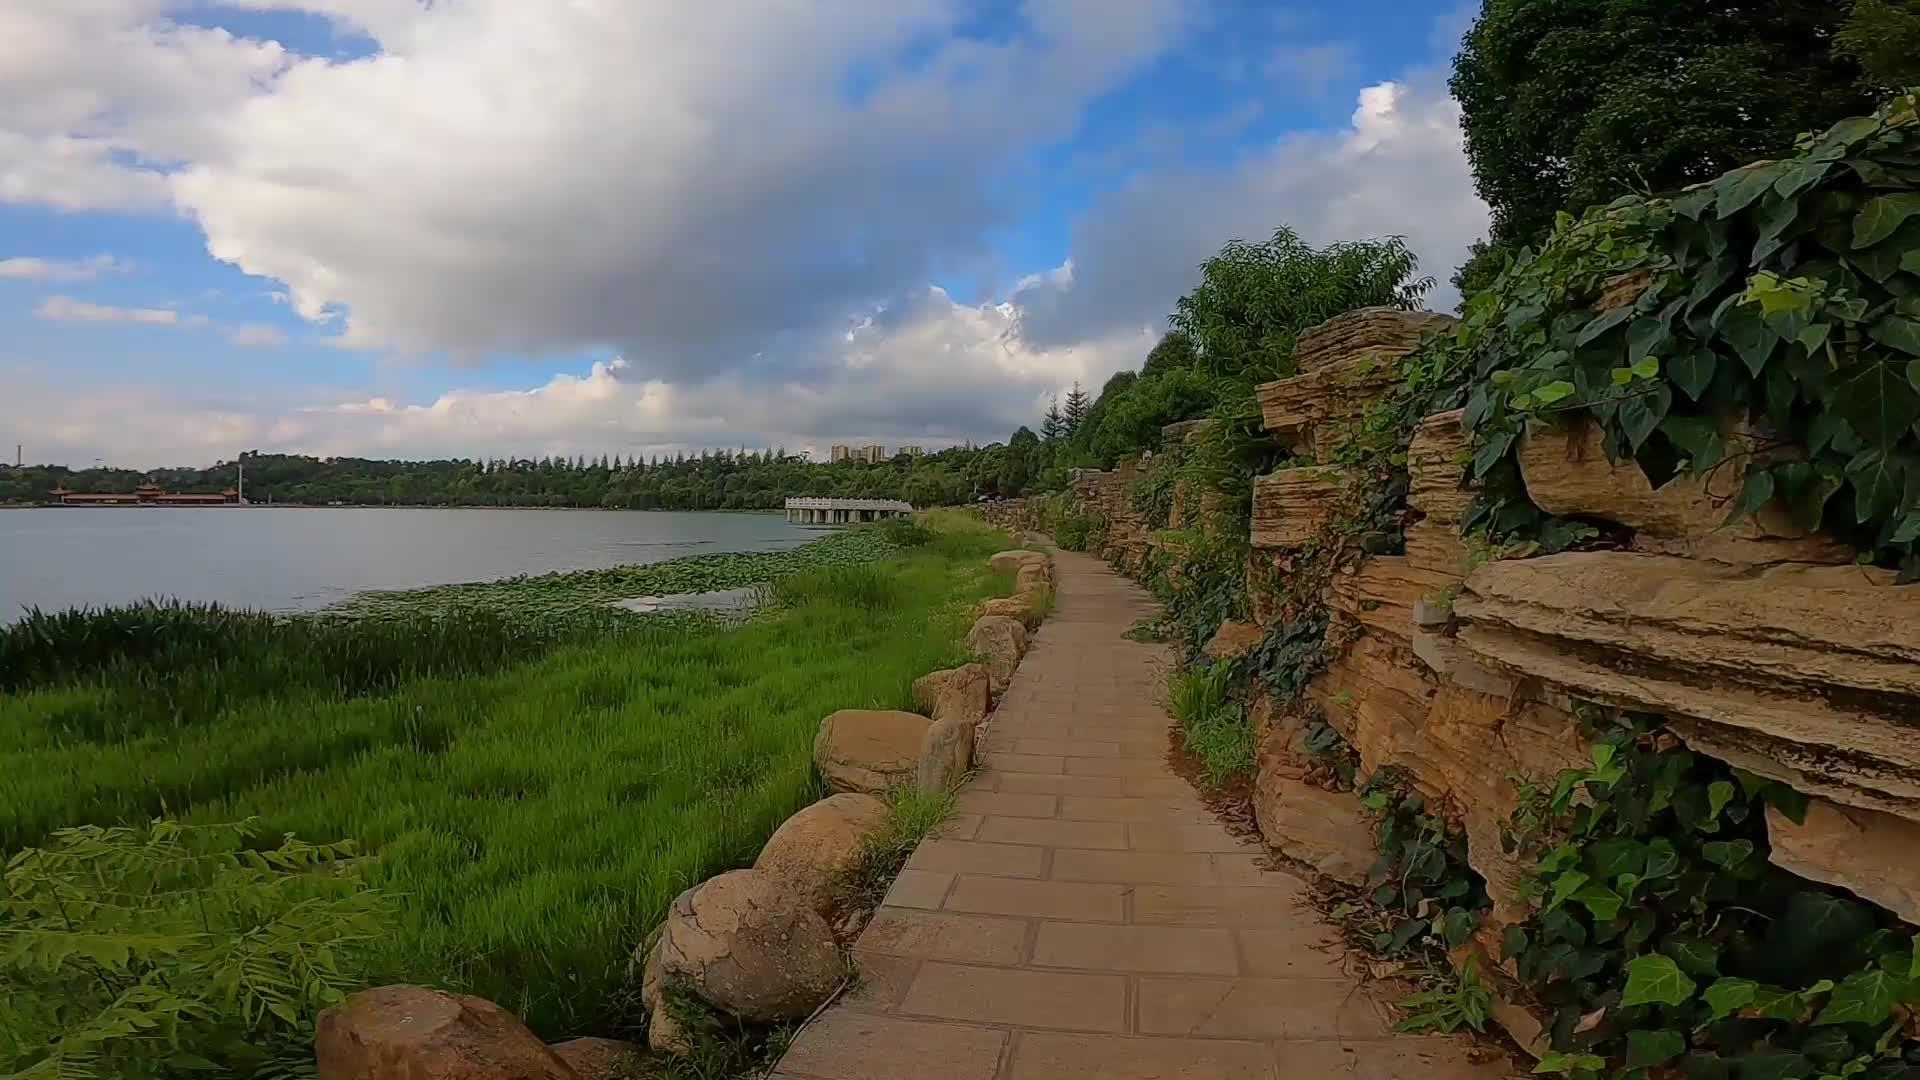 昆明最漂亮的人工湖,青山绿水,旁边有一条凶险的人工悬崖!